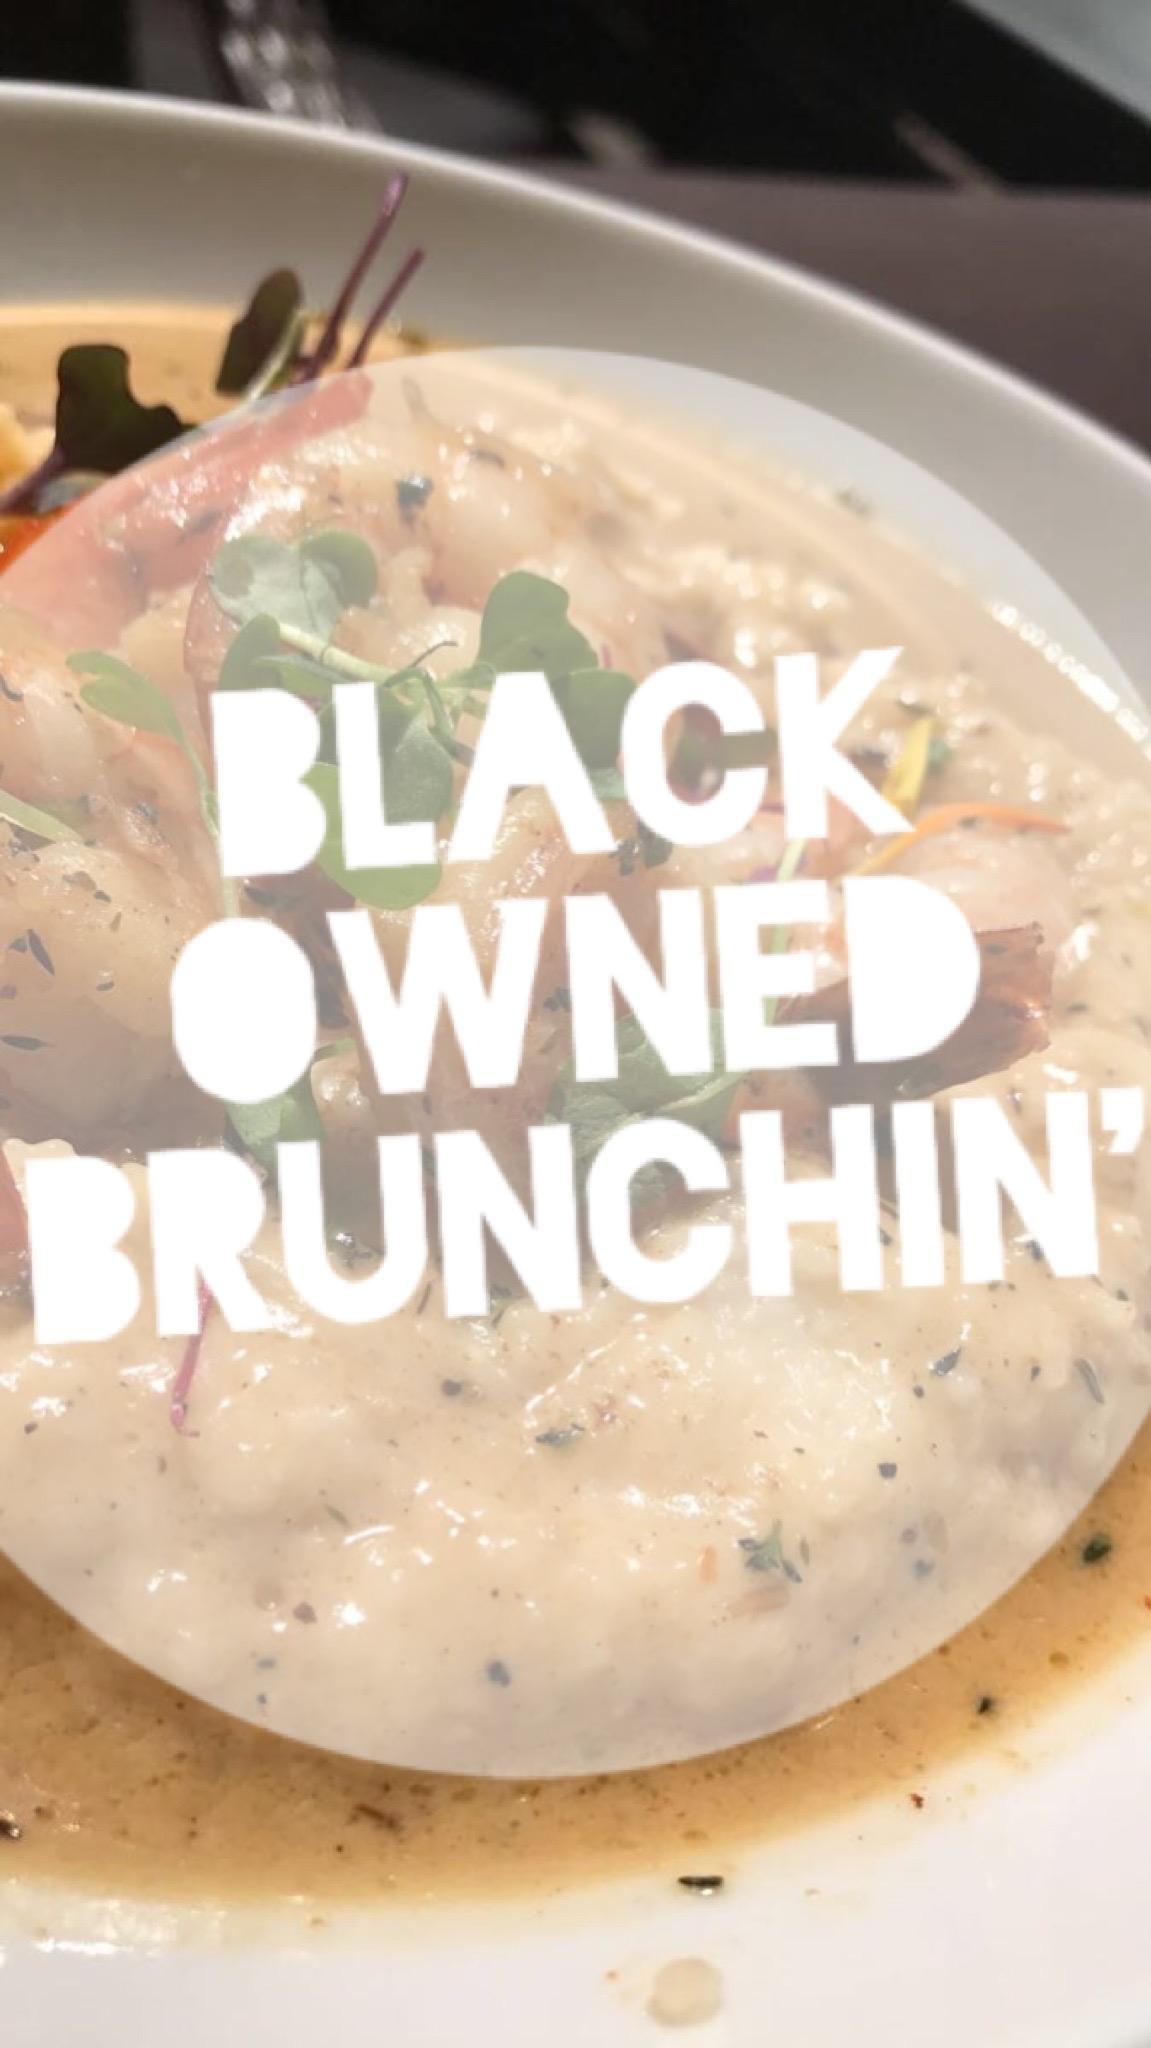 Black Owned Brunchin'